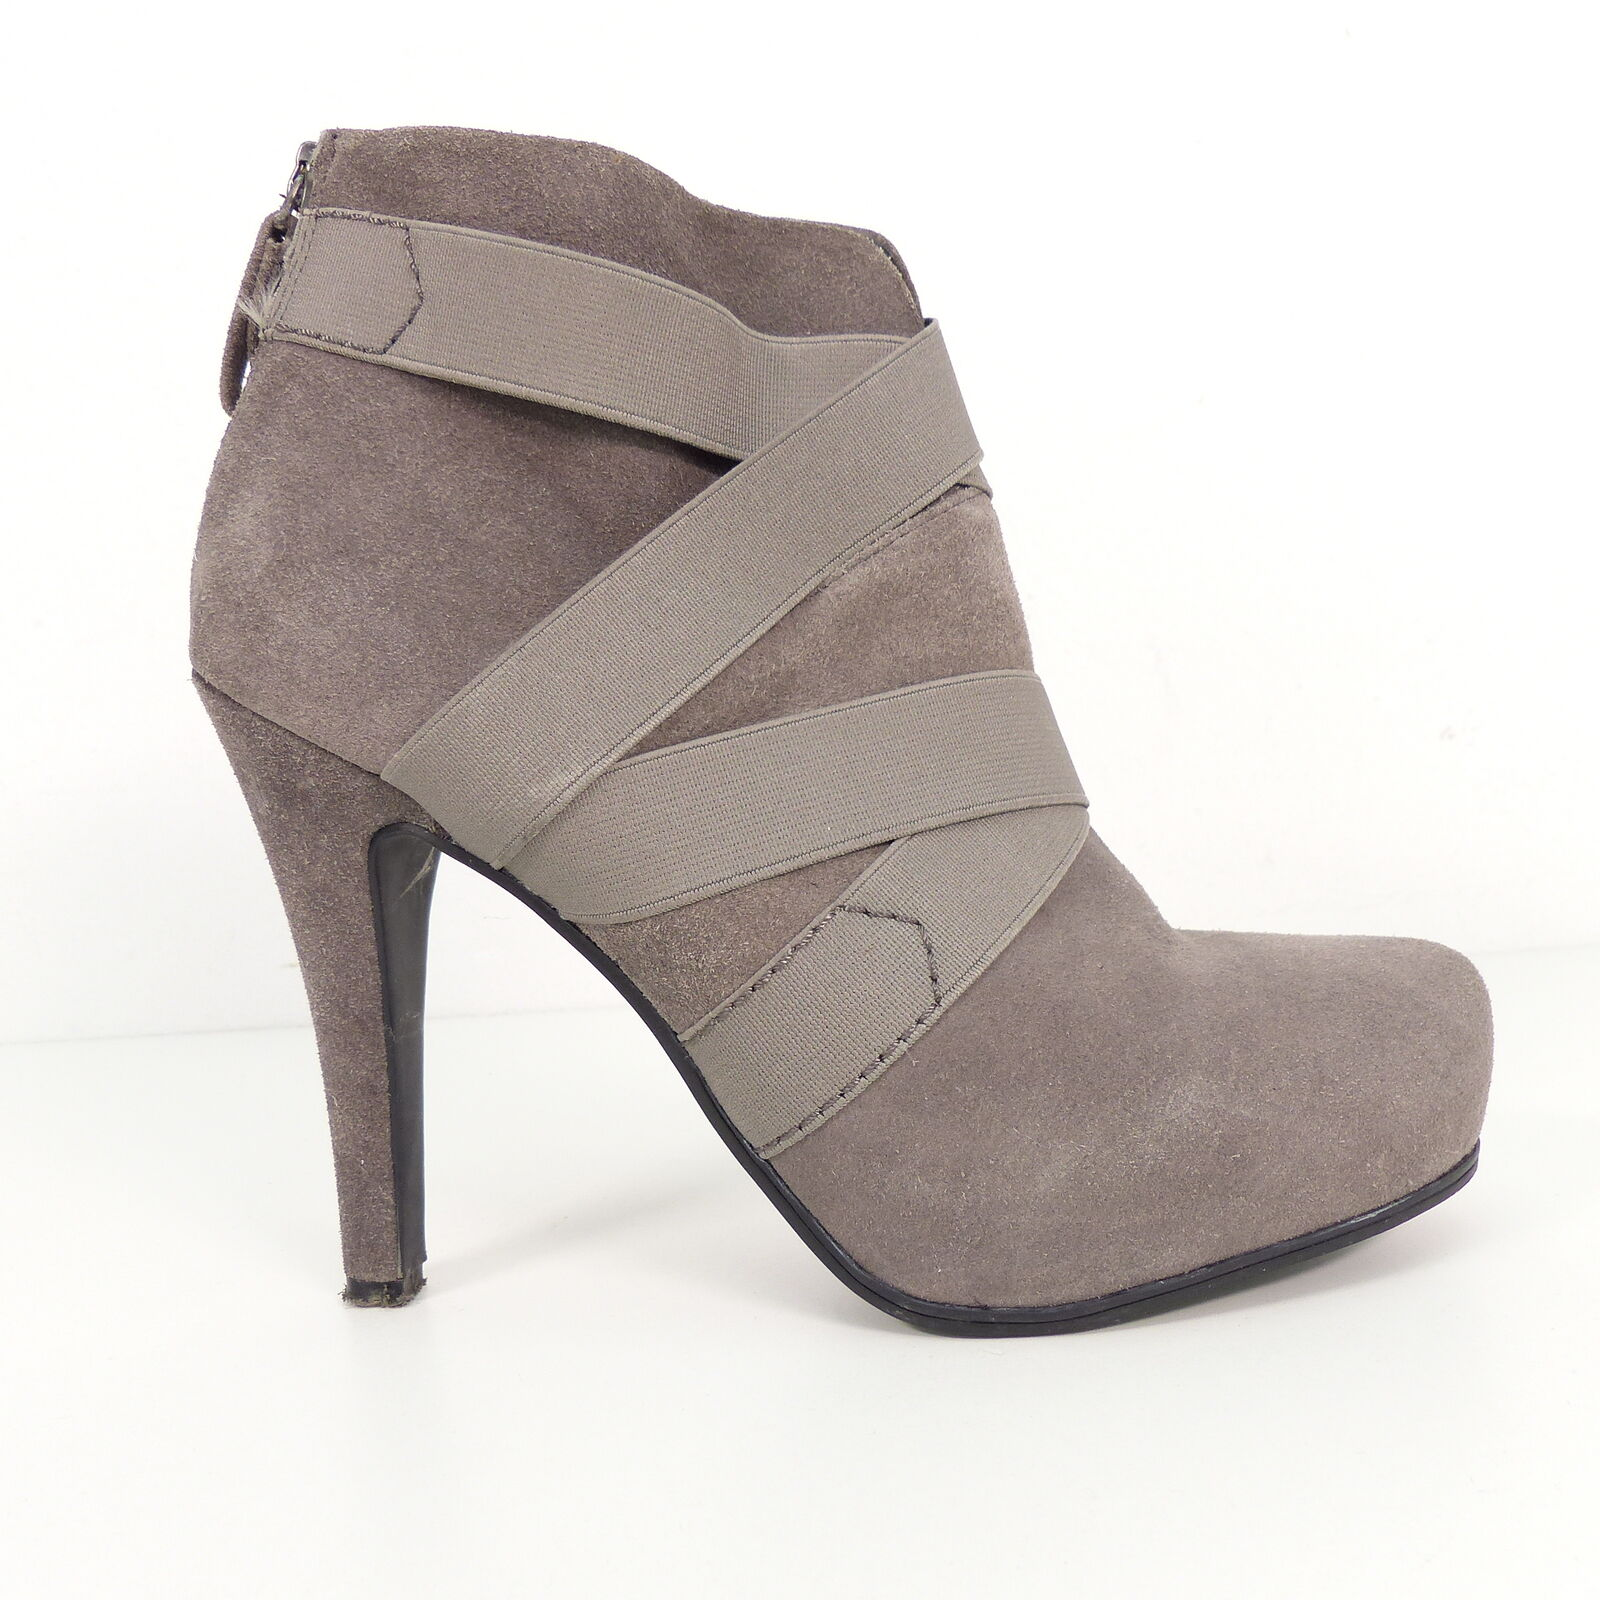 APEPAZZA Damen Schuhe grau Ankle Stiefel Gr. EU 39 Leder Leather schuhe